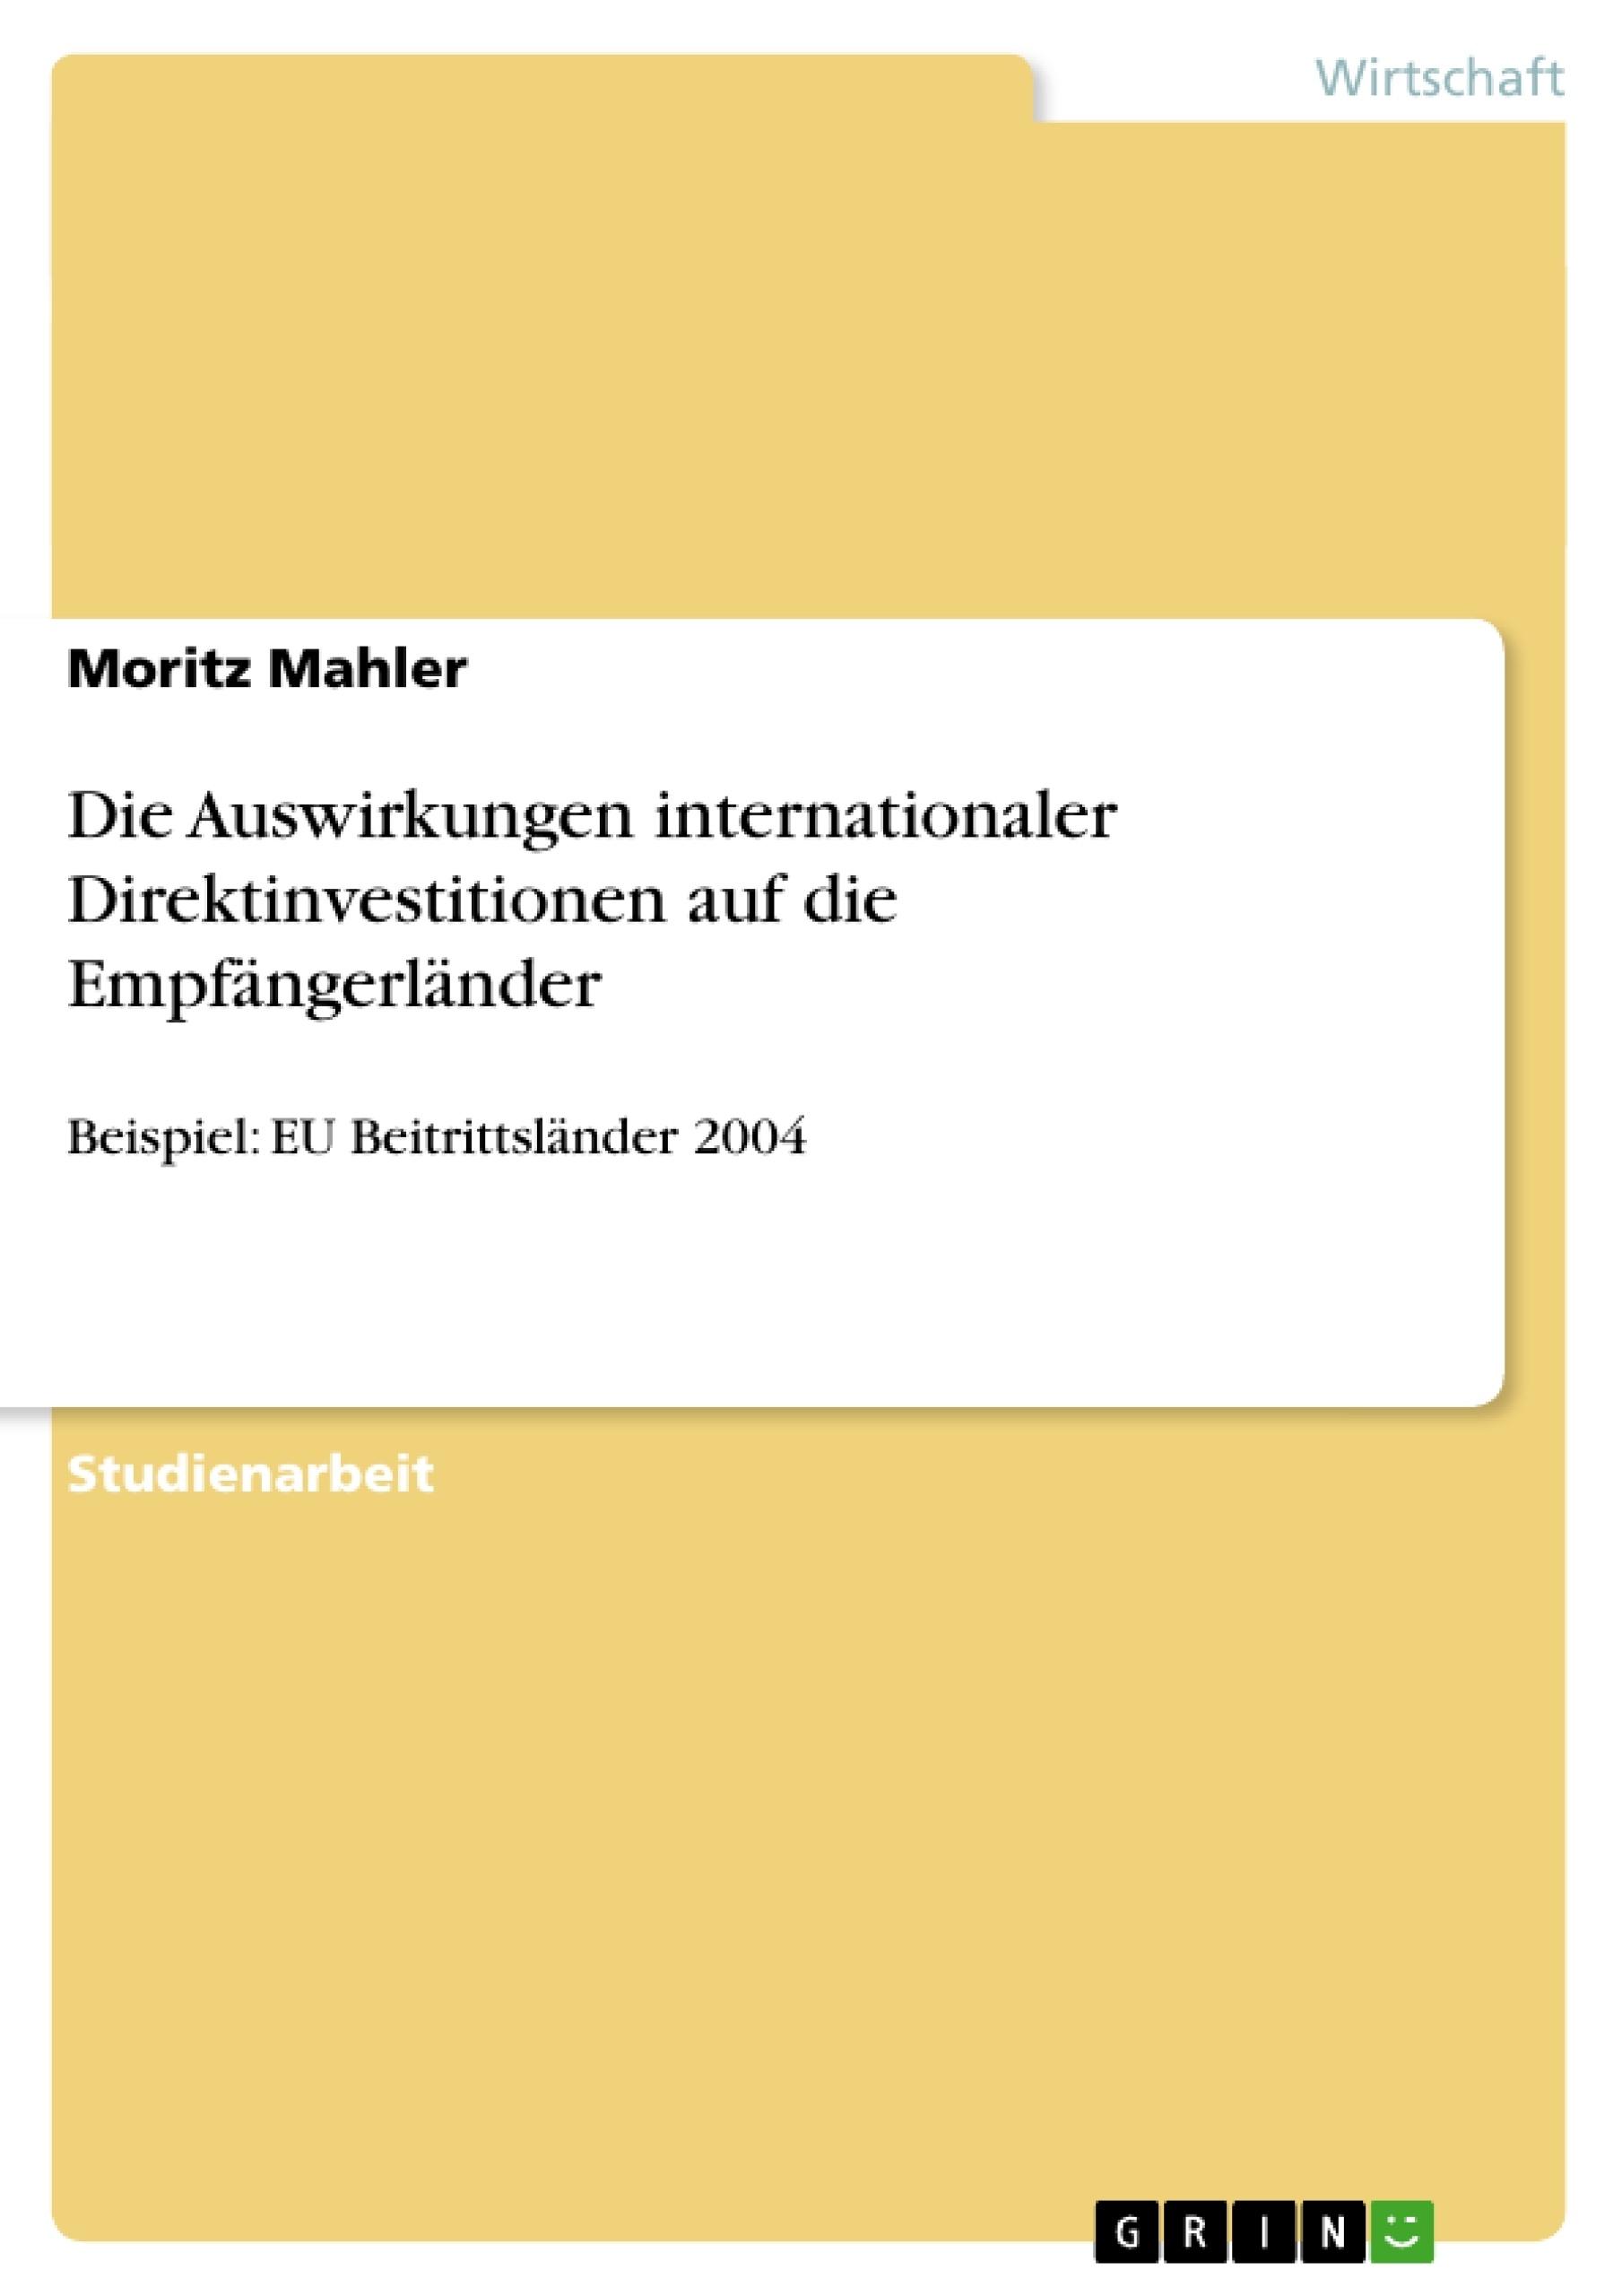 Titel: Die Auswirkungen internationaler Direktinvestitionen auf die Empfängerländer